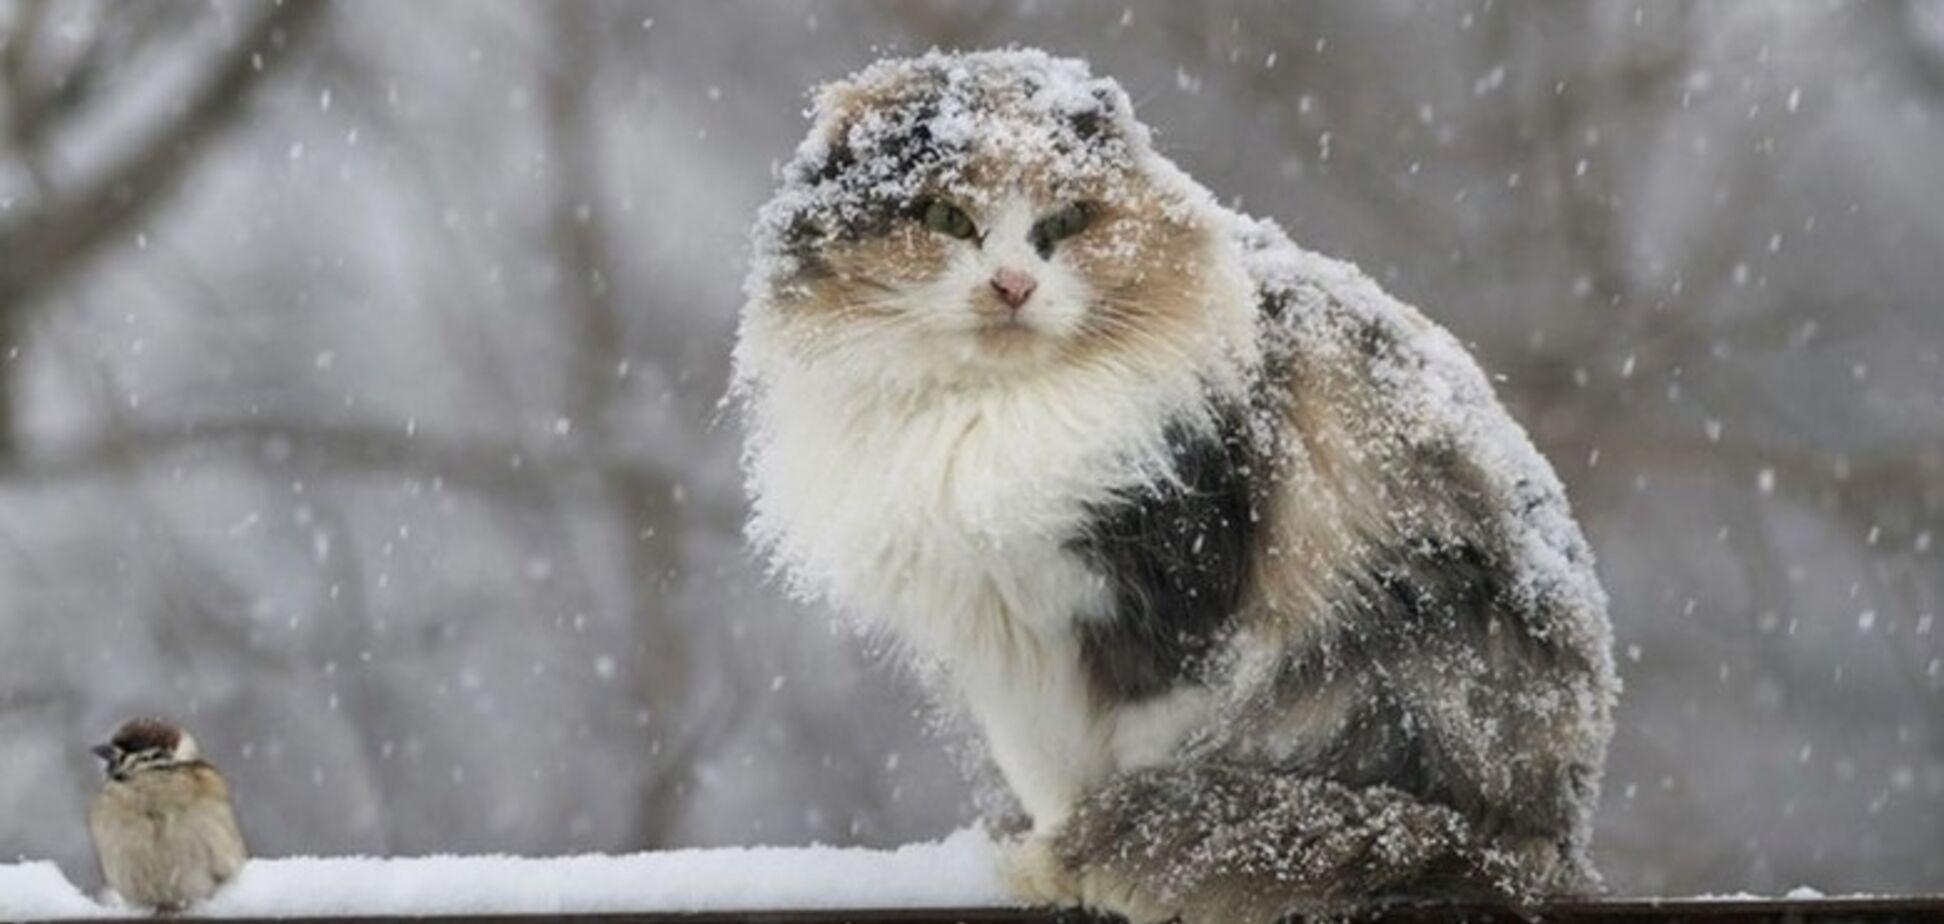 Морози до -17 та більше снігу: синоптик дав прогноз погоди на лютий в Україні